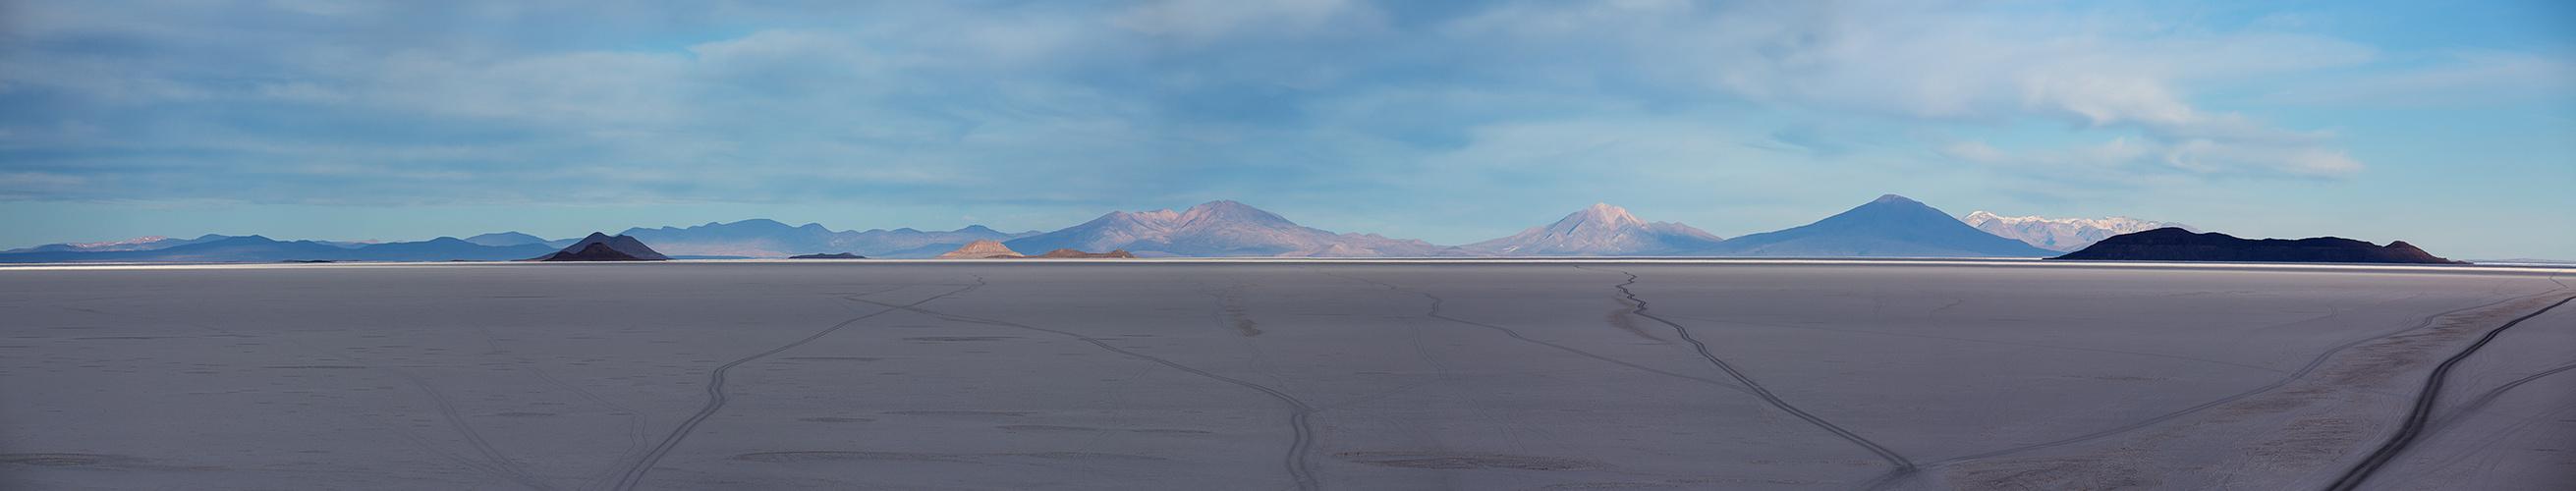 [ … Salar de Uyuni - Spuren im Salz ]